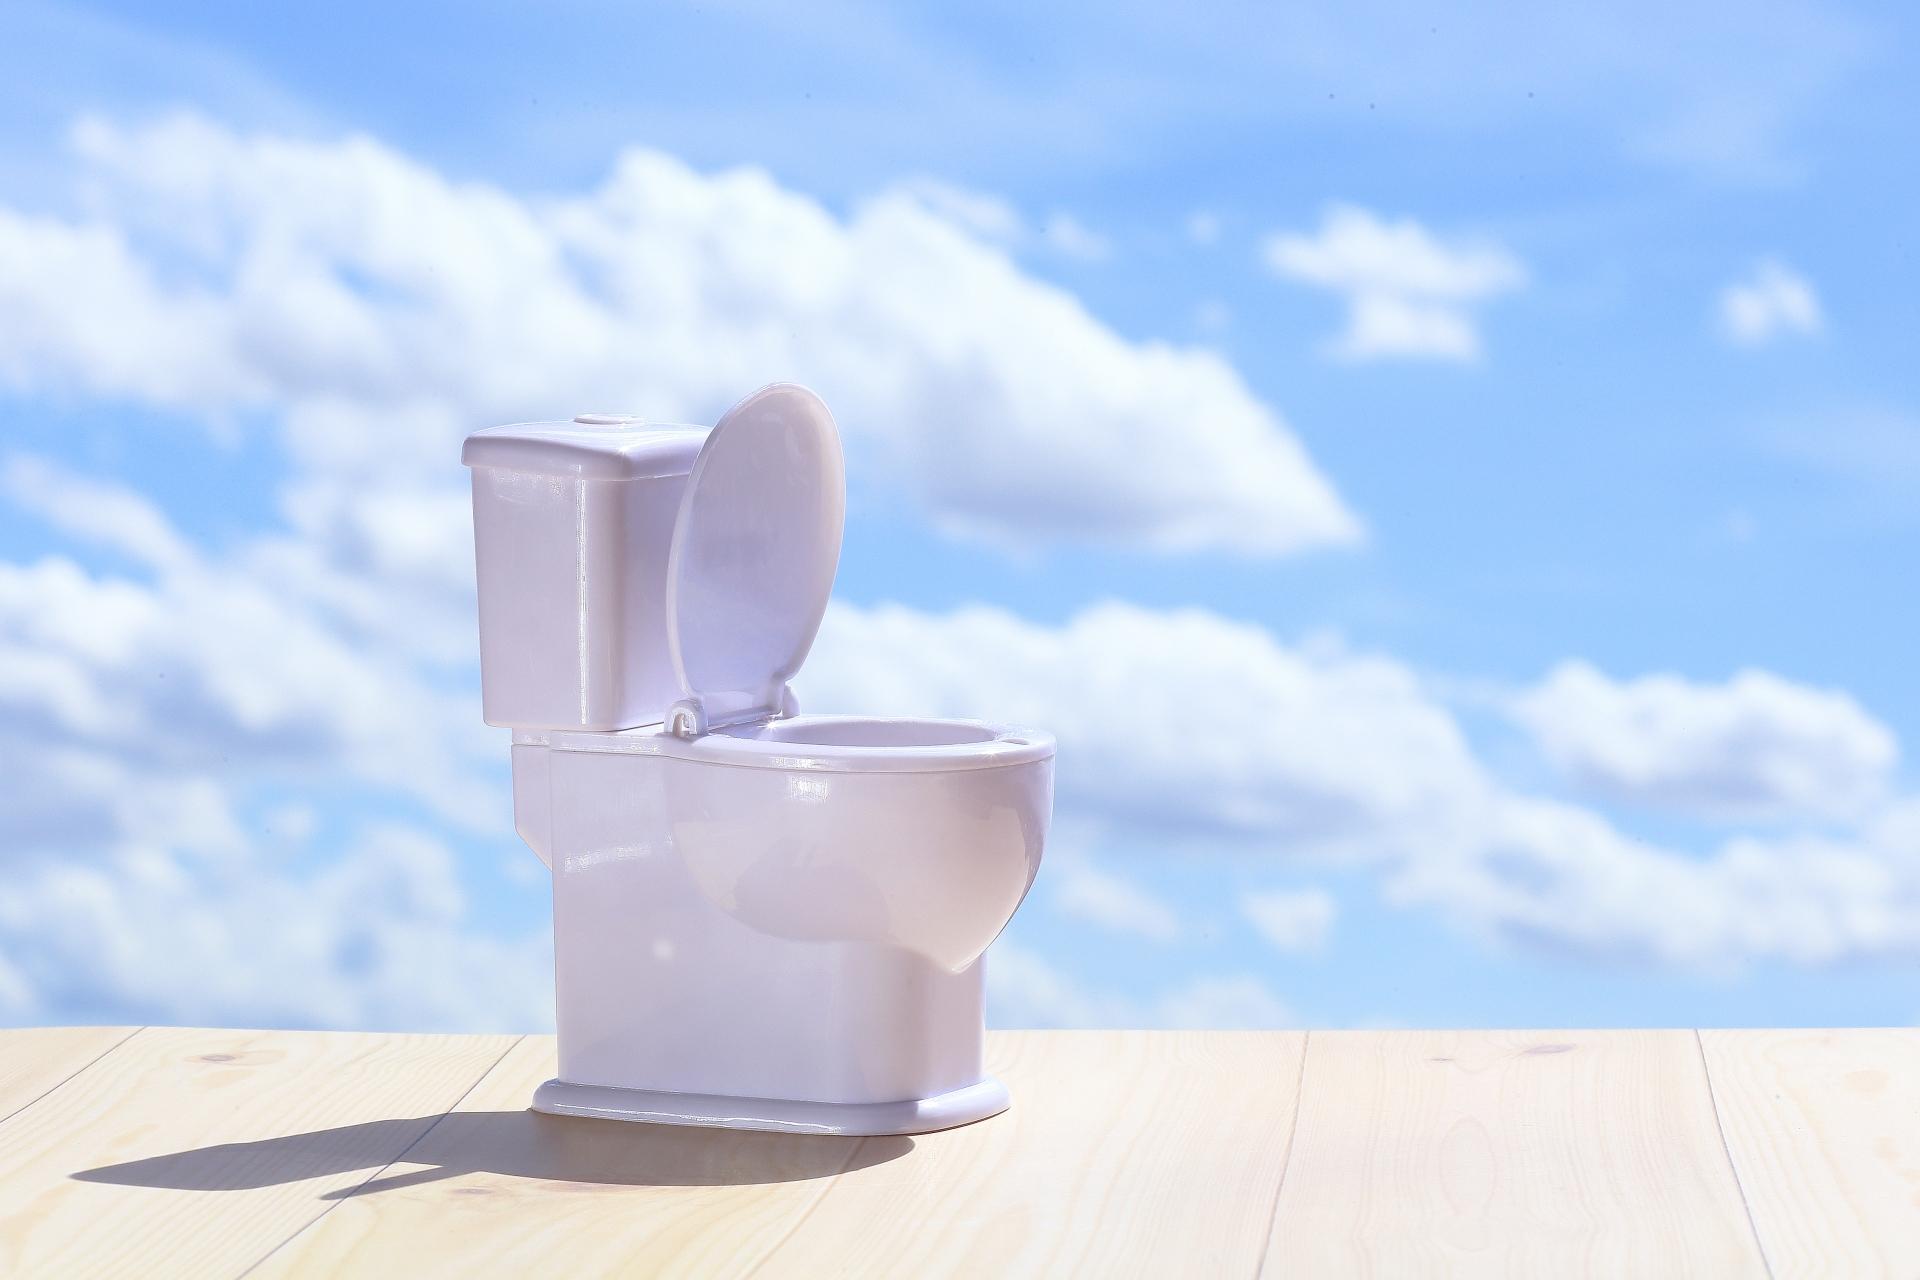 中 と トイレ を に 水 な 世界 安全